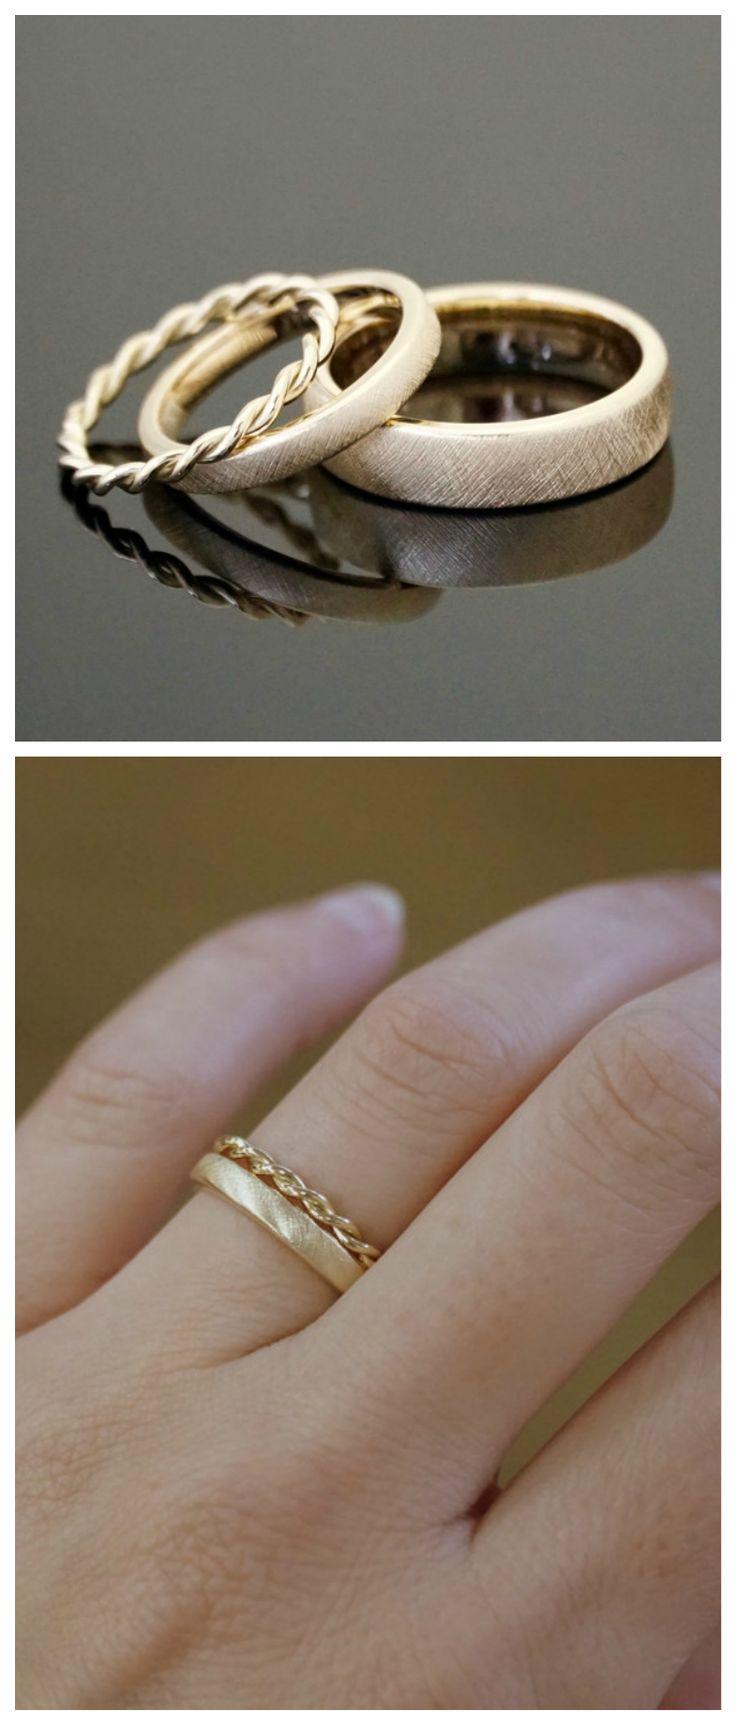 Best 25 Wedding ring ideas on Pinterest Unique wedding